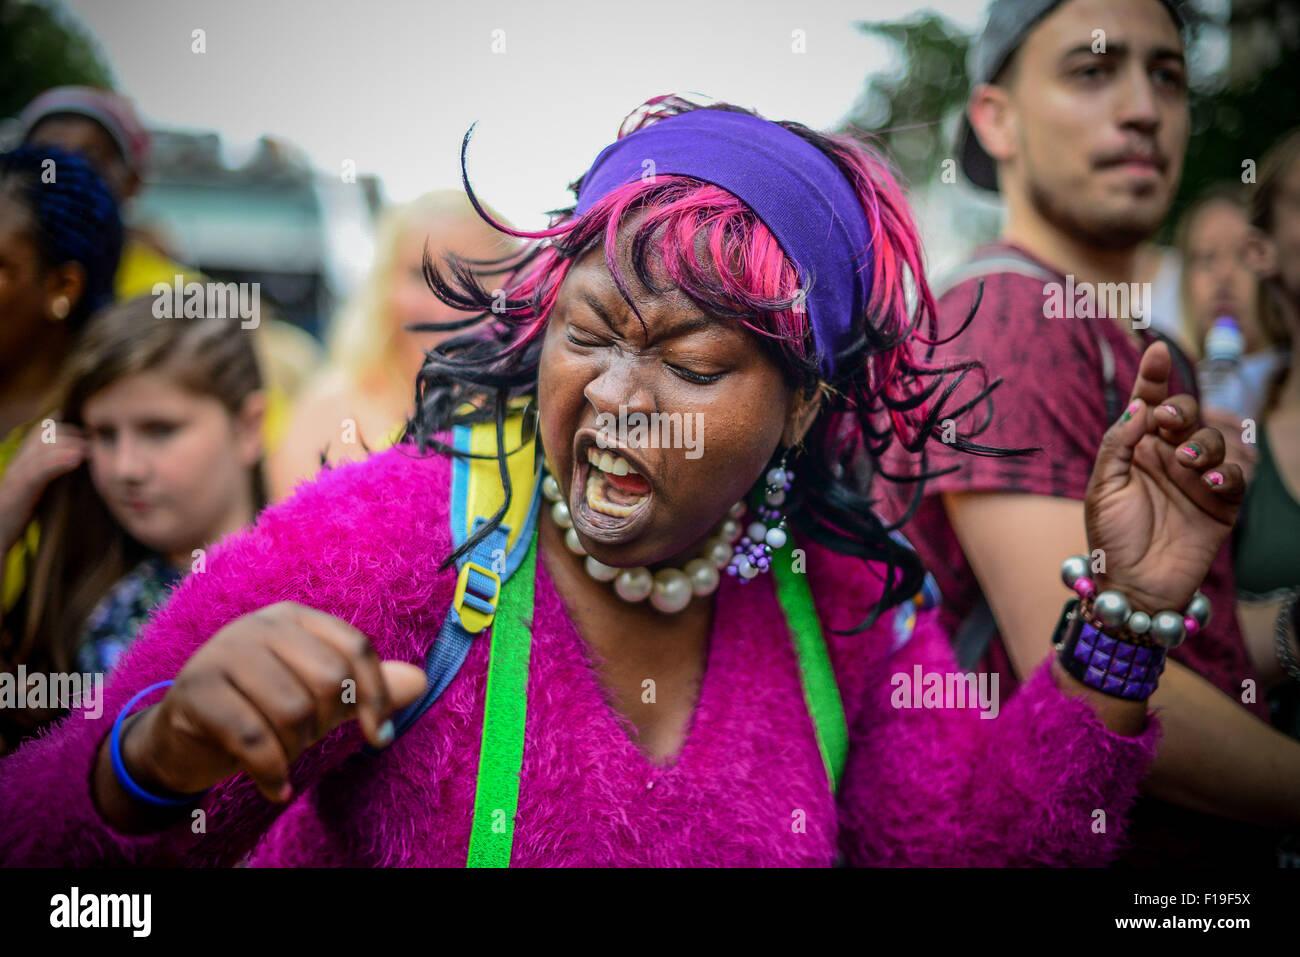 Londra, Regno Unito. Il 30 agosto, 2015. Centinaia di giovani stanno prendendo parte ad un enorme corteo di Calypso Immagini Stock